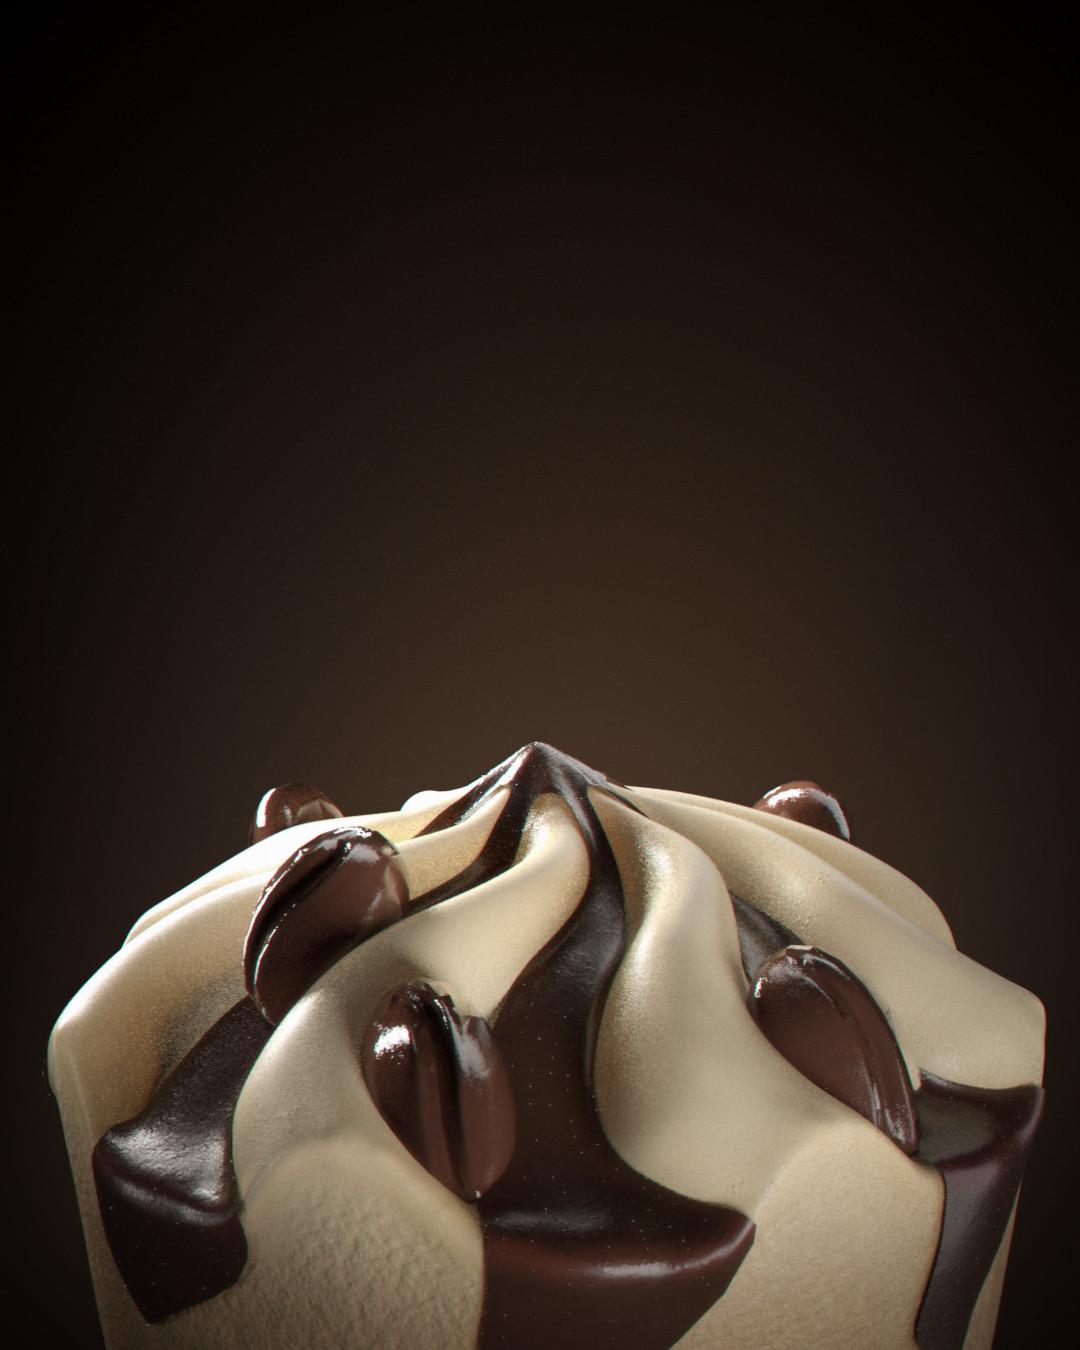 Cono Coppa del Nonno Ice Cream